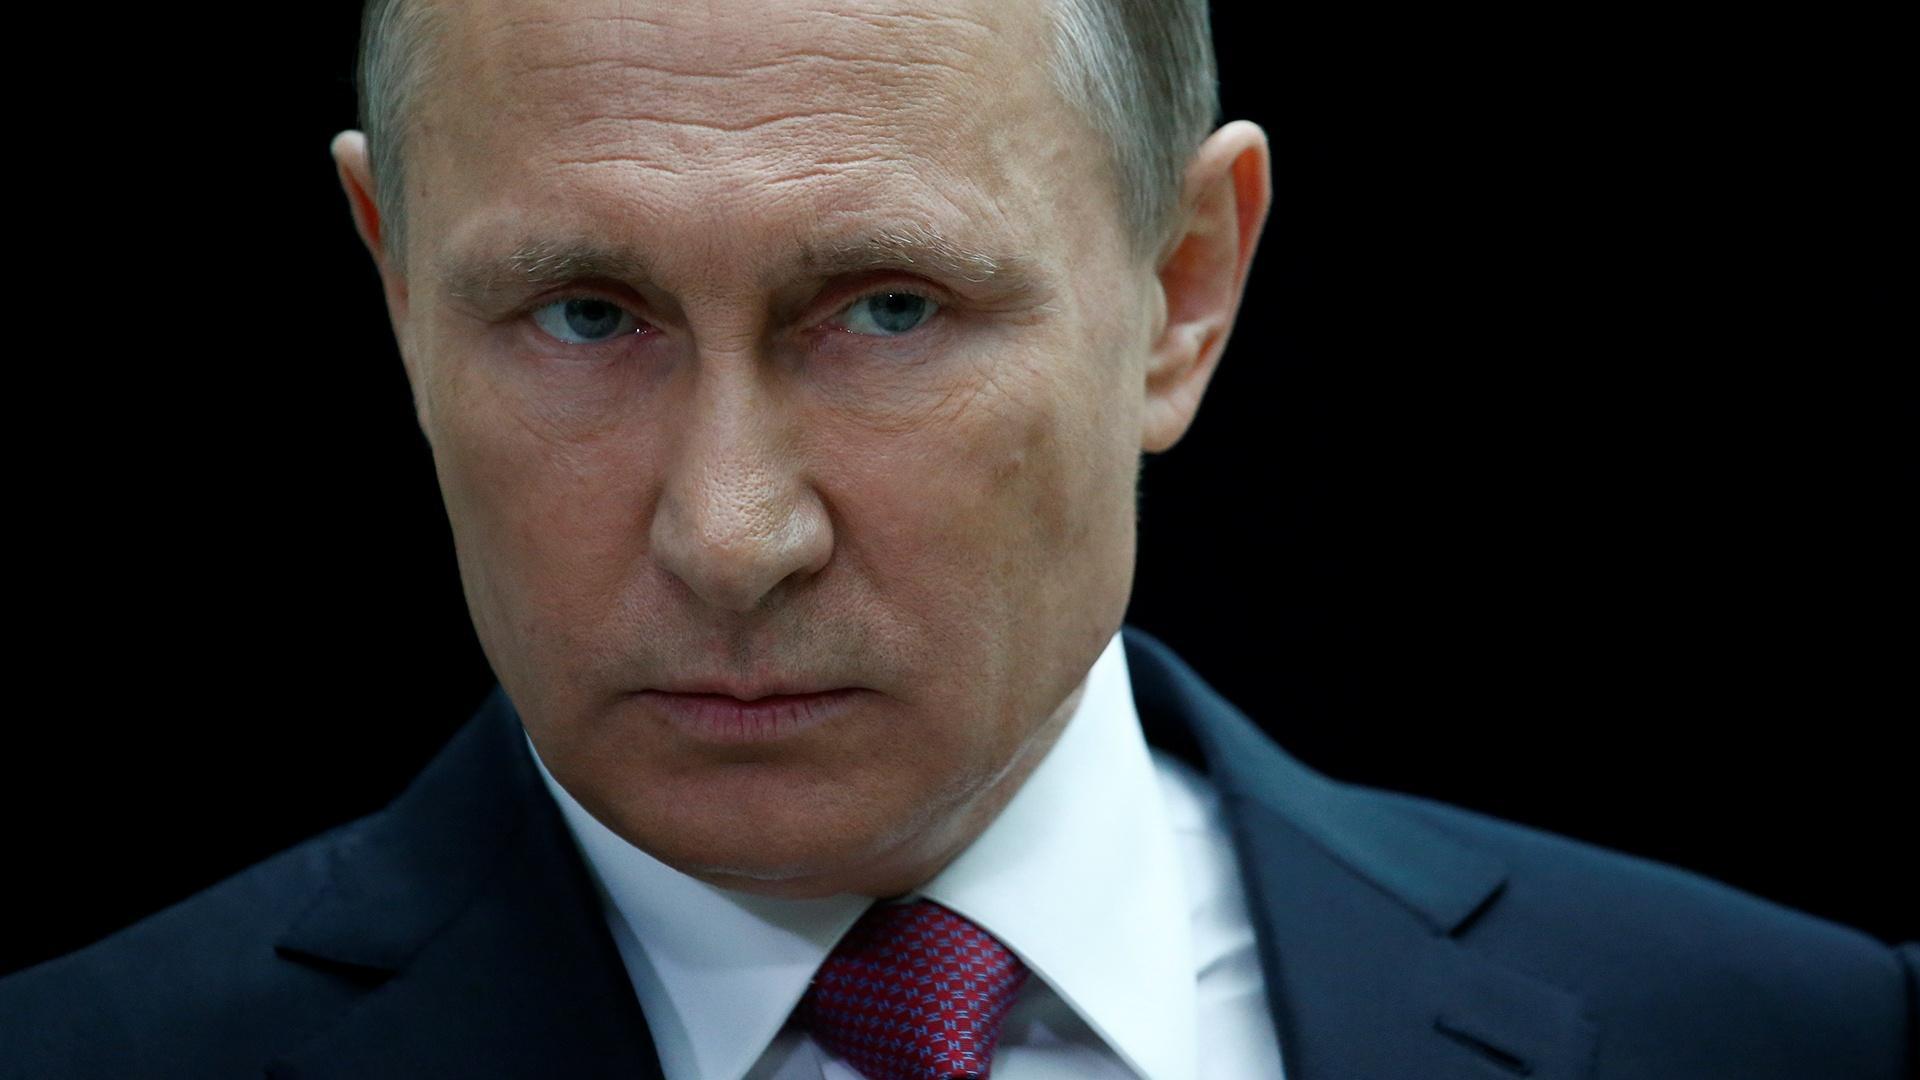 Frontline | Putin's Revenge, Part 1